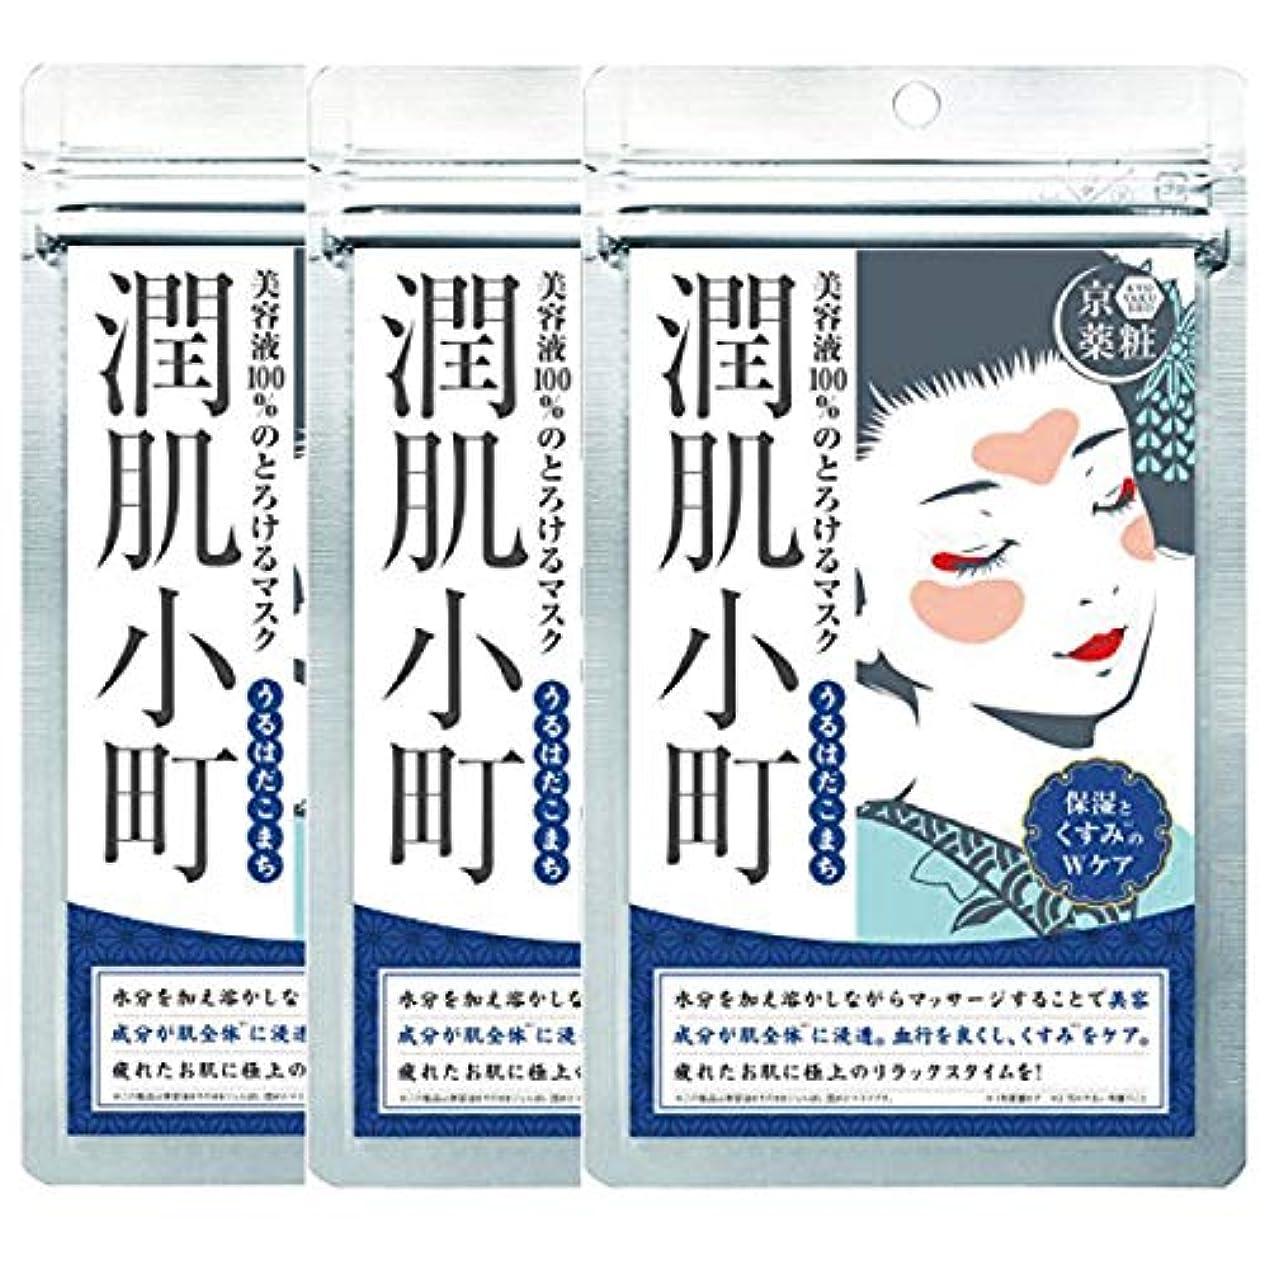 結婚純度含意京薬粧 潤肌小町 潤いマスク ×3セット